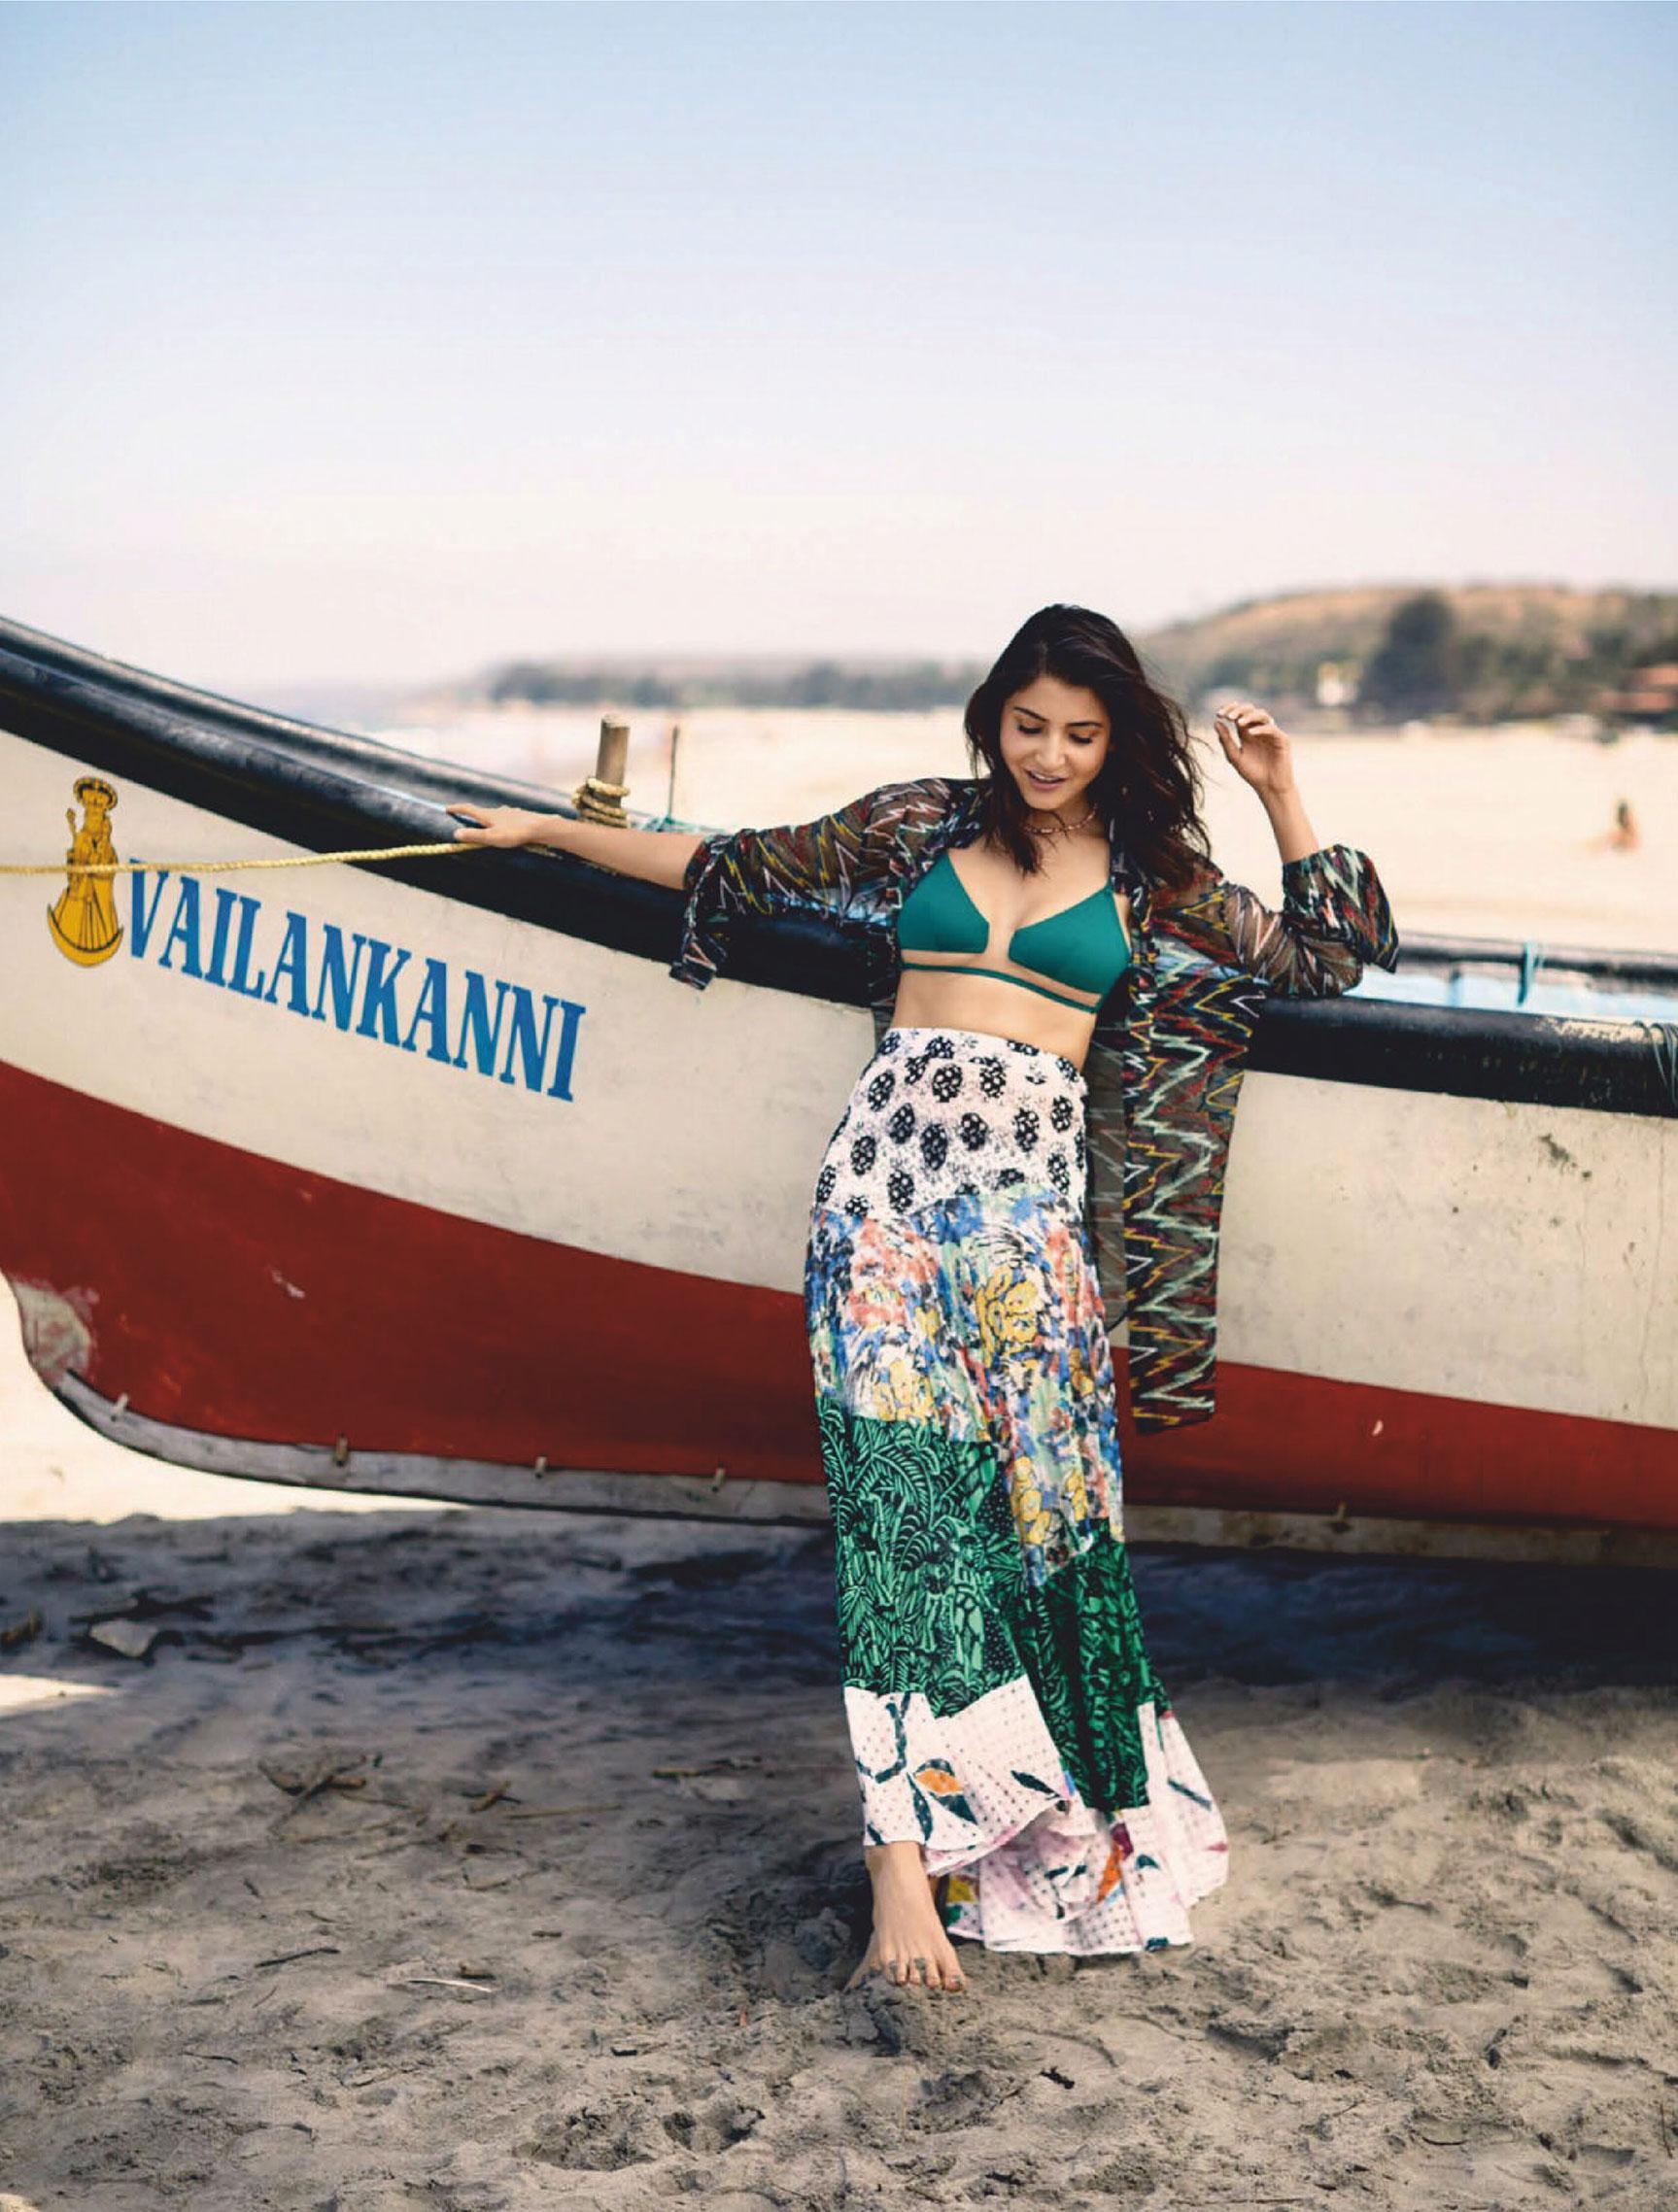 Анушка Шарма в новинках модных брендов на побережье Гоа / фото 01